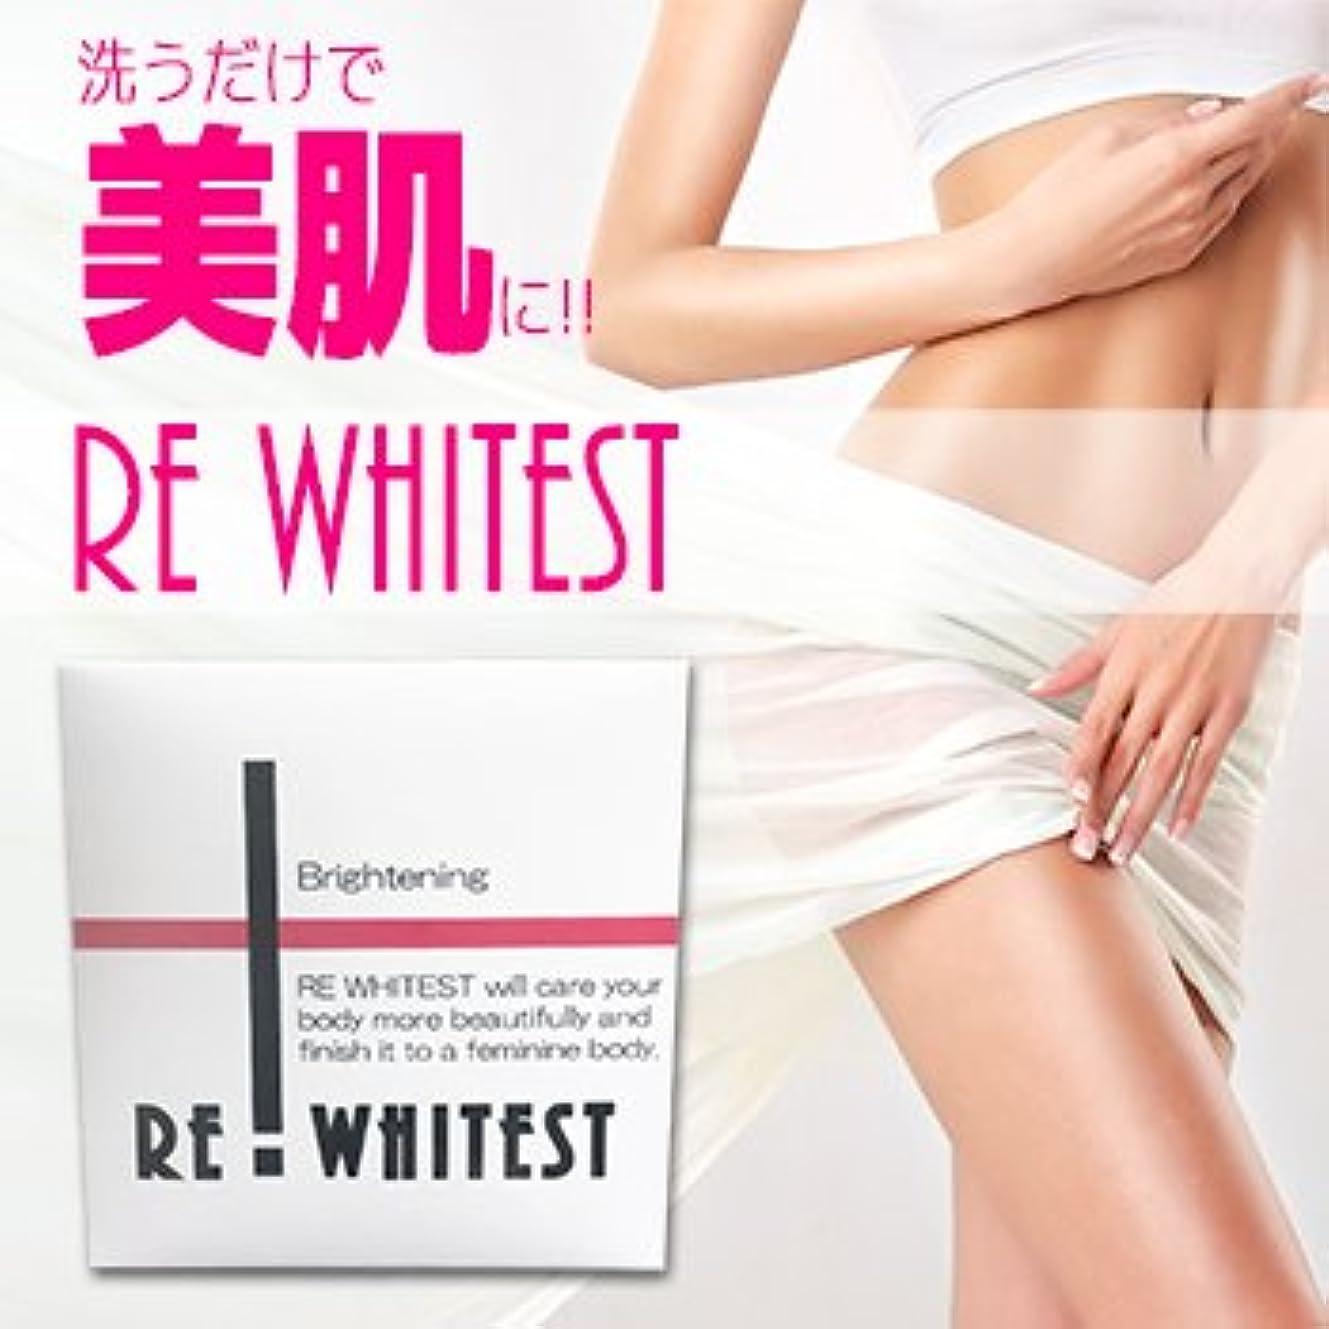 有罪幾何学彼らパパイン+イソフラボン配合女性用美肌石鹸 REWHITEST-リホワイテスト-